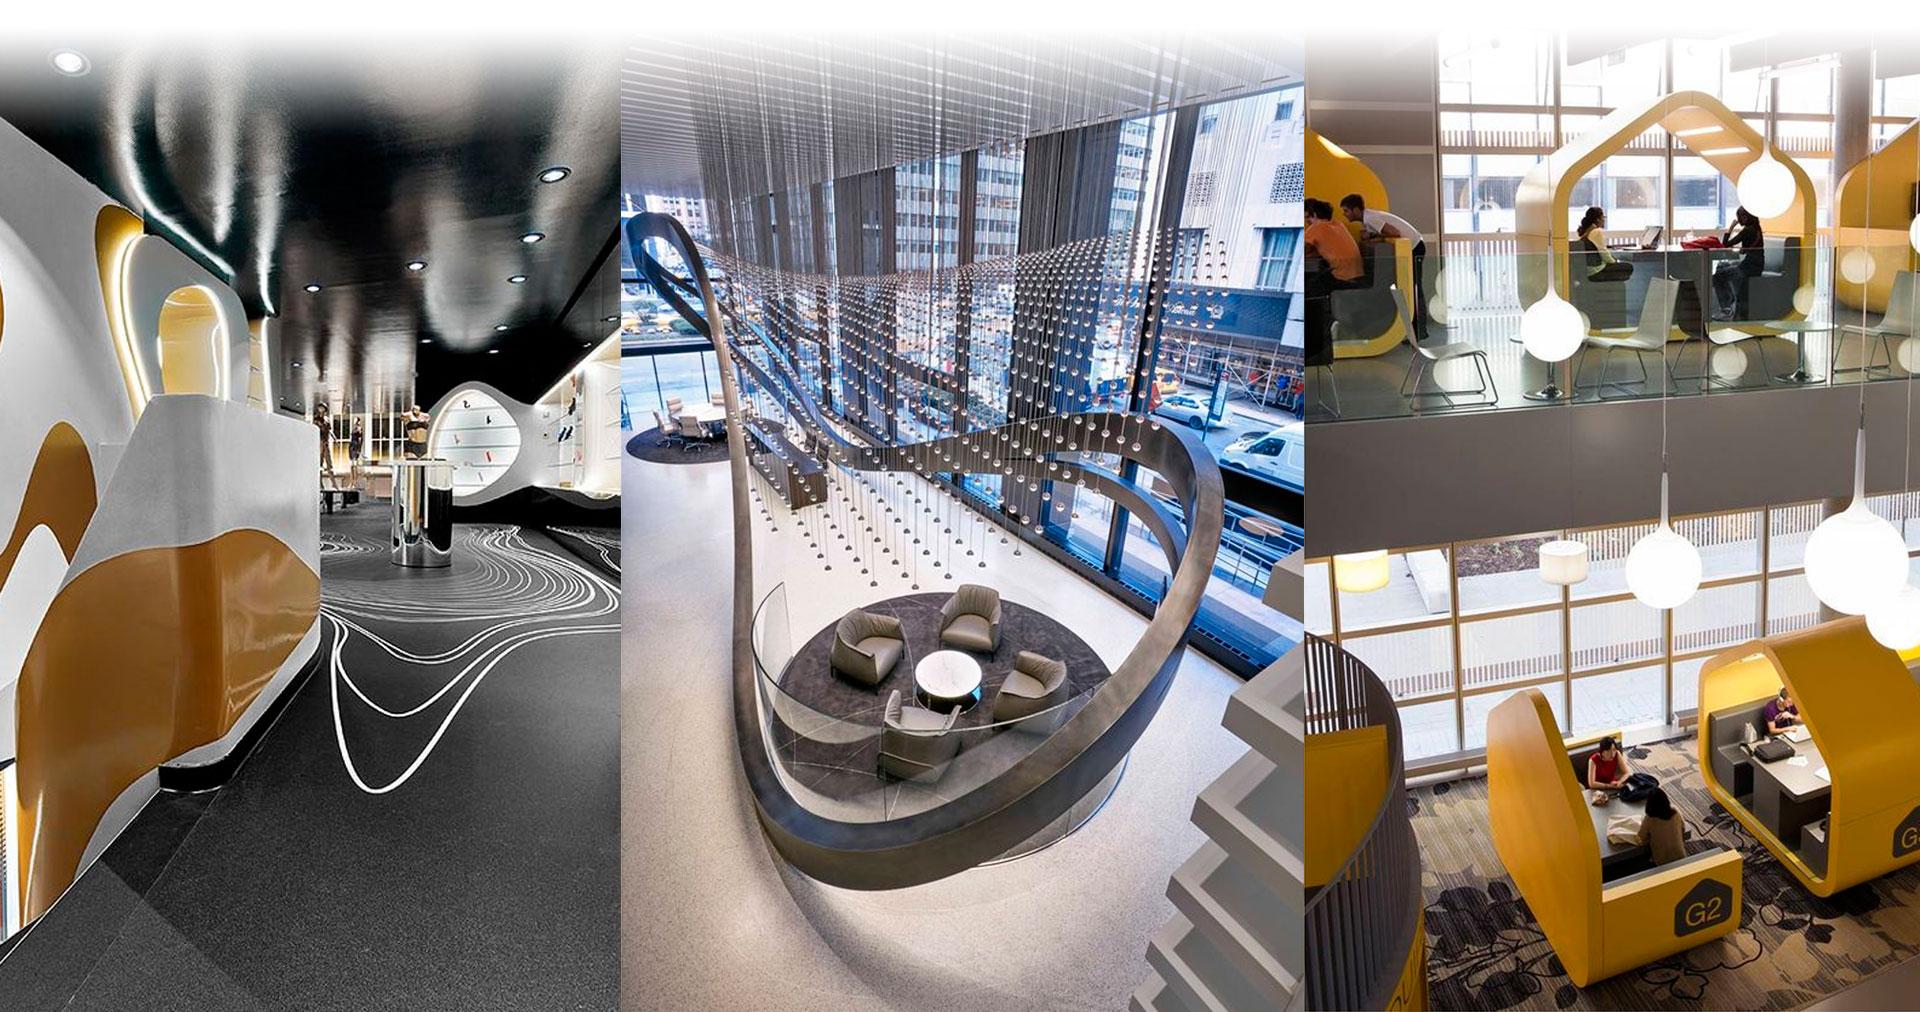 Abierta la inscripción para el Máster de Especialización en Diseño de Interiores ¡Nueva oferta educativa de ABM!